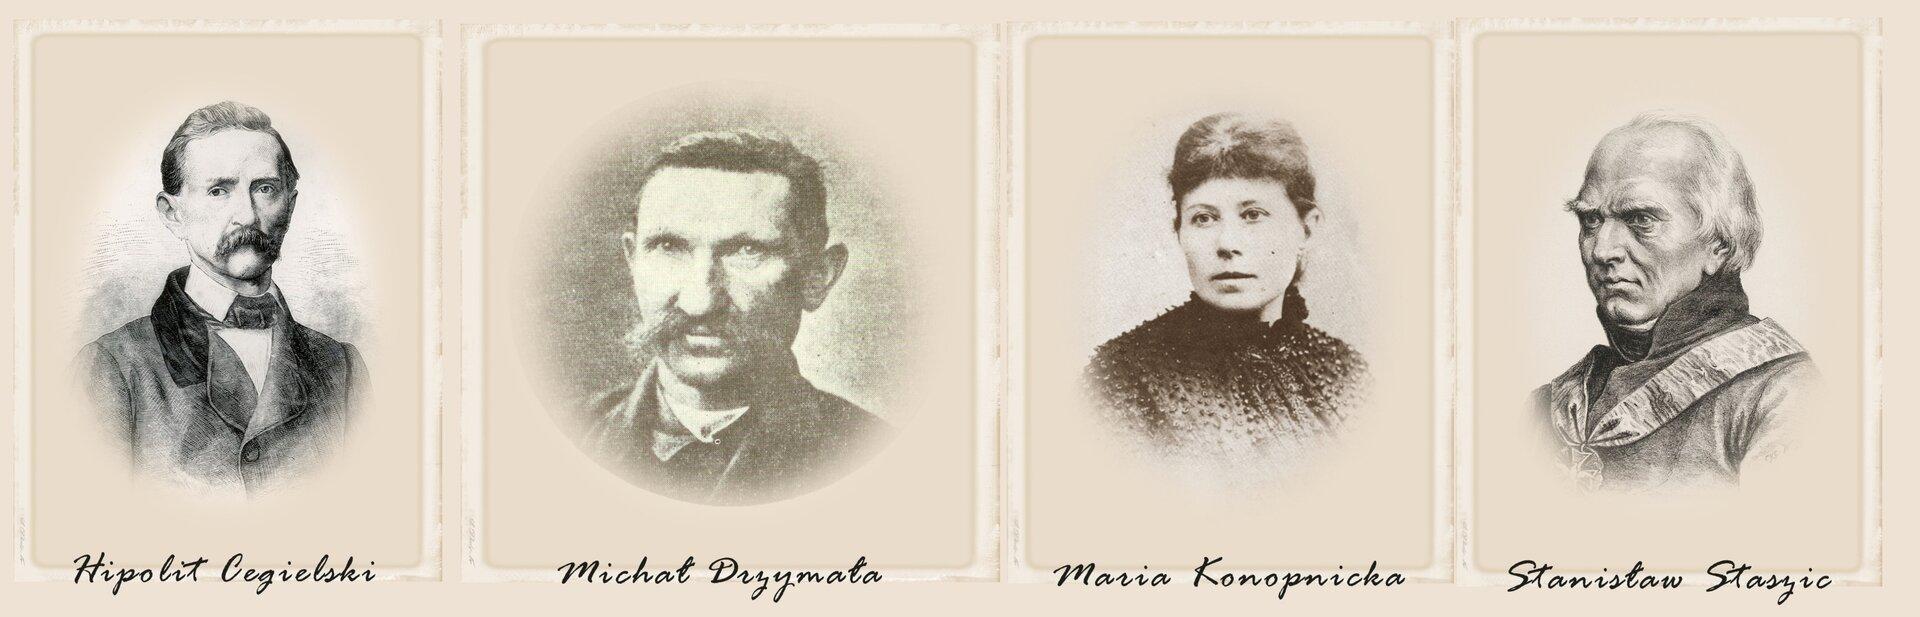 Przykładowe portrety Polaków, którzy mimo działań państw zaborczych, potrafili odnieść sukces życiowy. Od lewej: Hipolit Cegielski, Michał Drzymała, Maria Konopnicka, Stanisław Staszic.